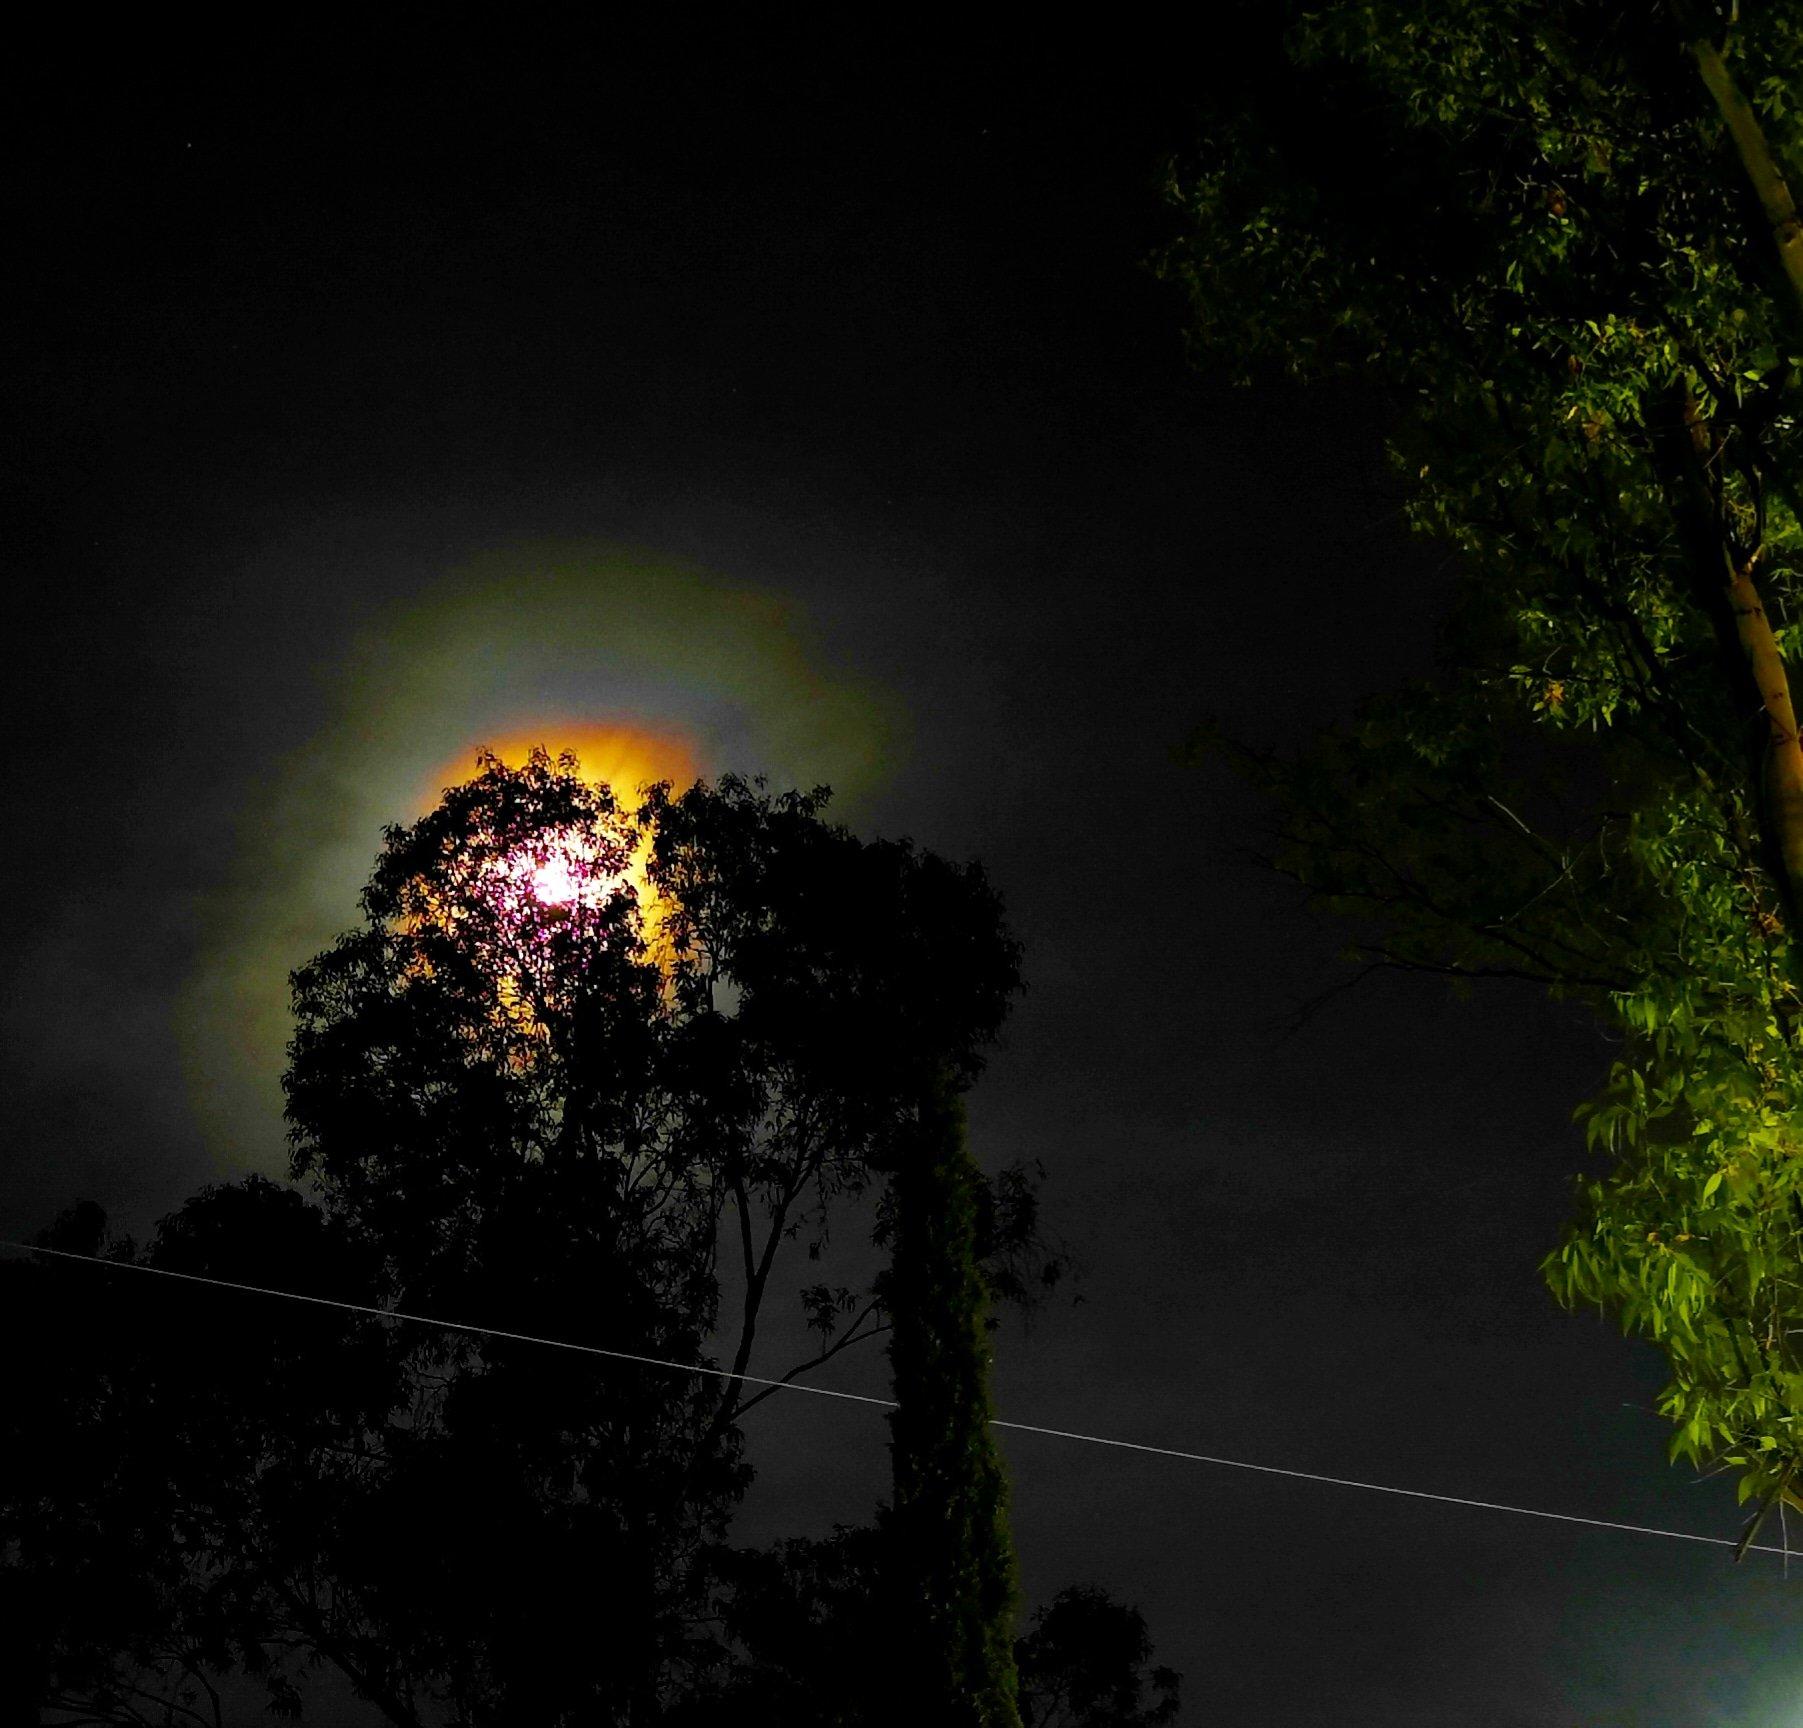 RT @Ing_CiroSan: #Hoy #Luna Roja en #Apogeo desde #Puebla #Mexico @El_Universo_Hoy @astropuebla @SandraTvazteca @danoga @Amo_a_Puebla @turisteandomexi @EltoperMx @CICPue https://t.co/VAMn8rPitM